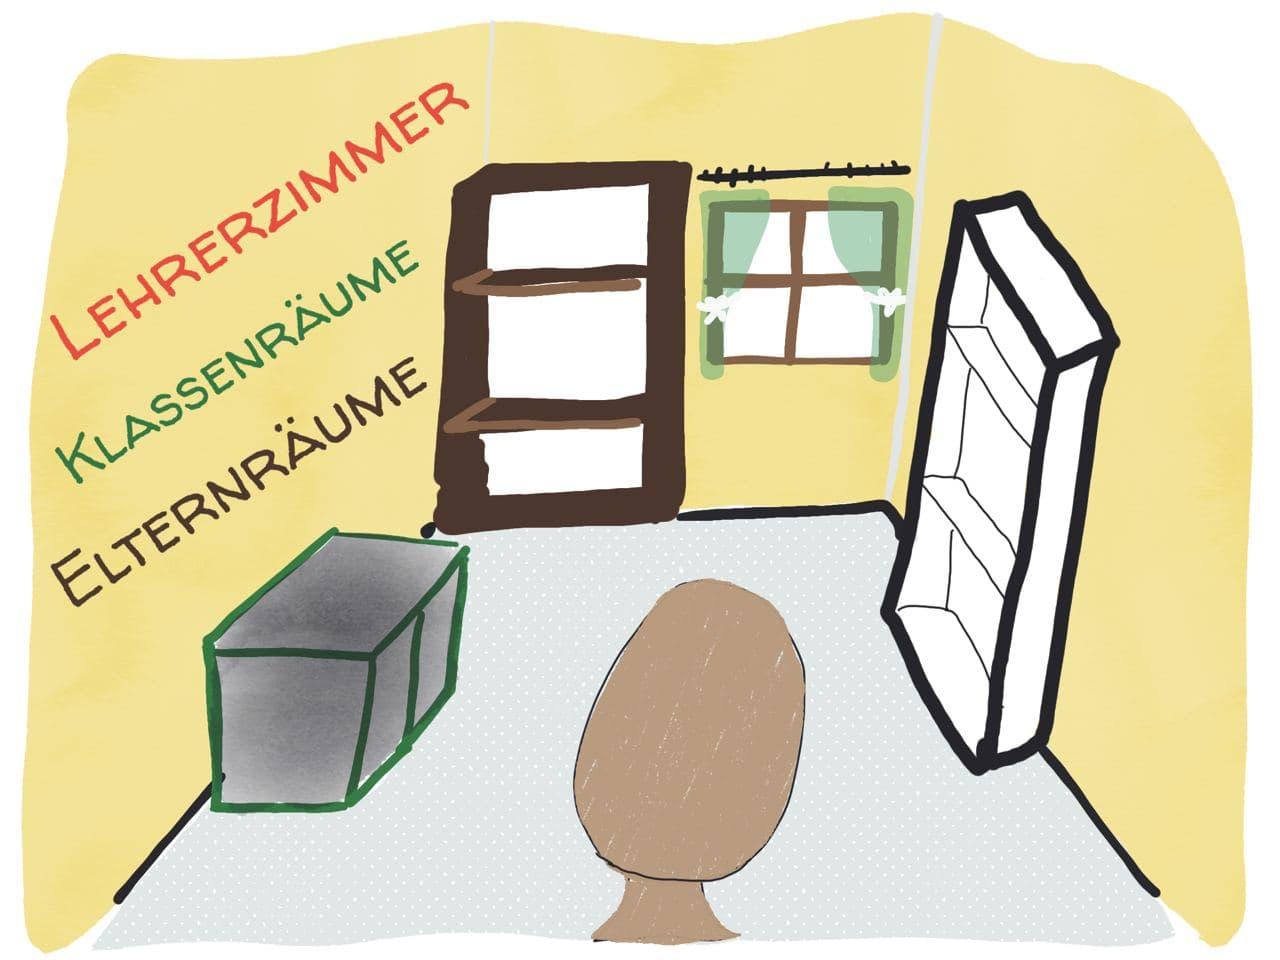 ... zu den Lehrerzimmer, Klassenräumen und Elternräumen